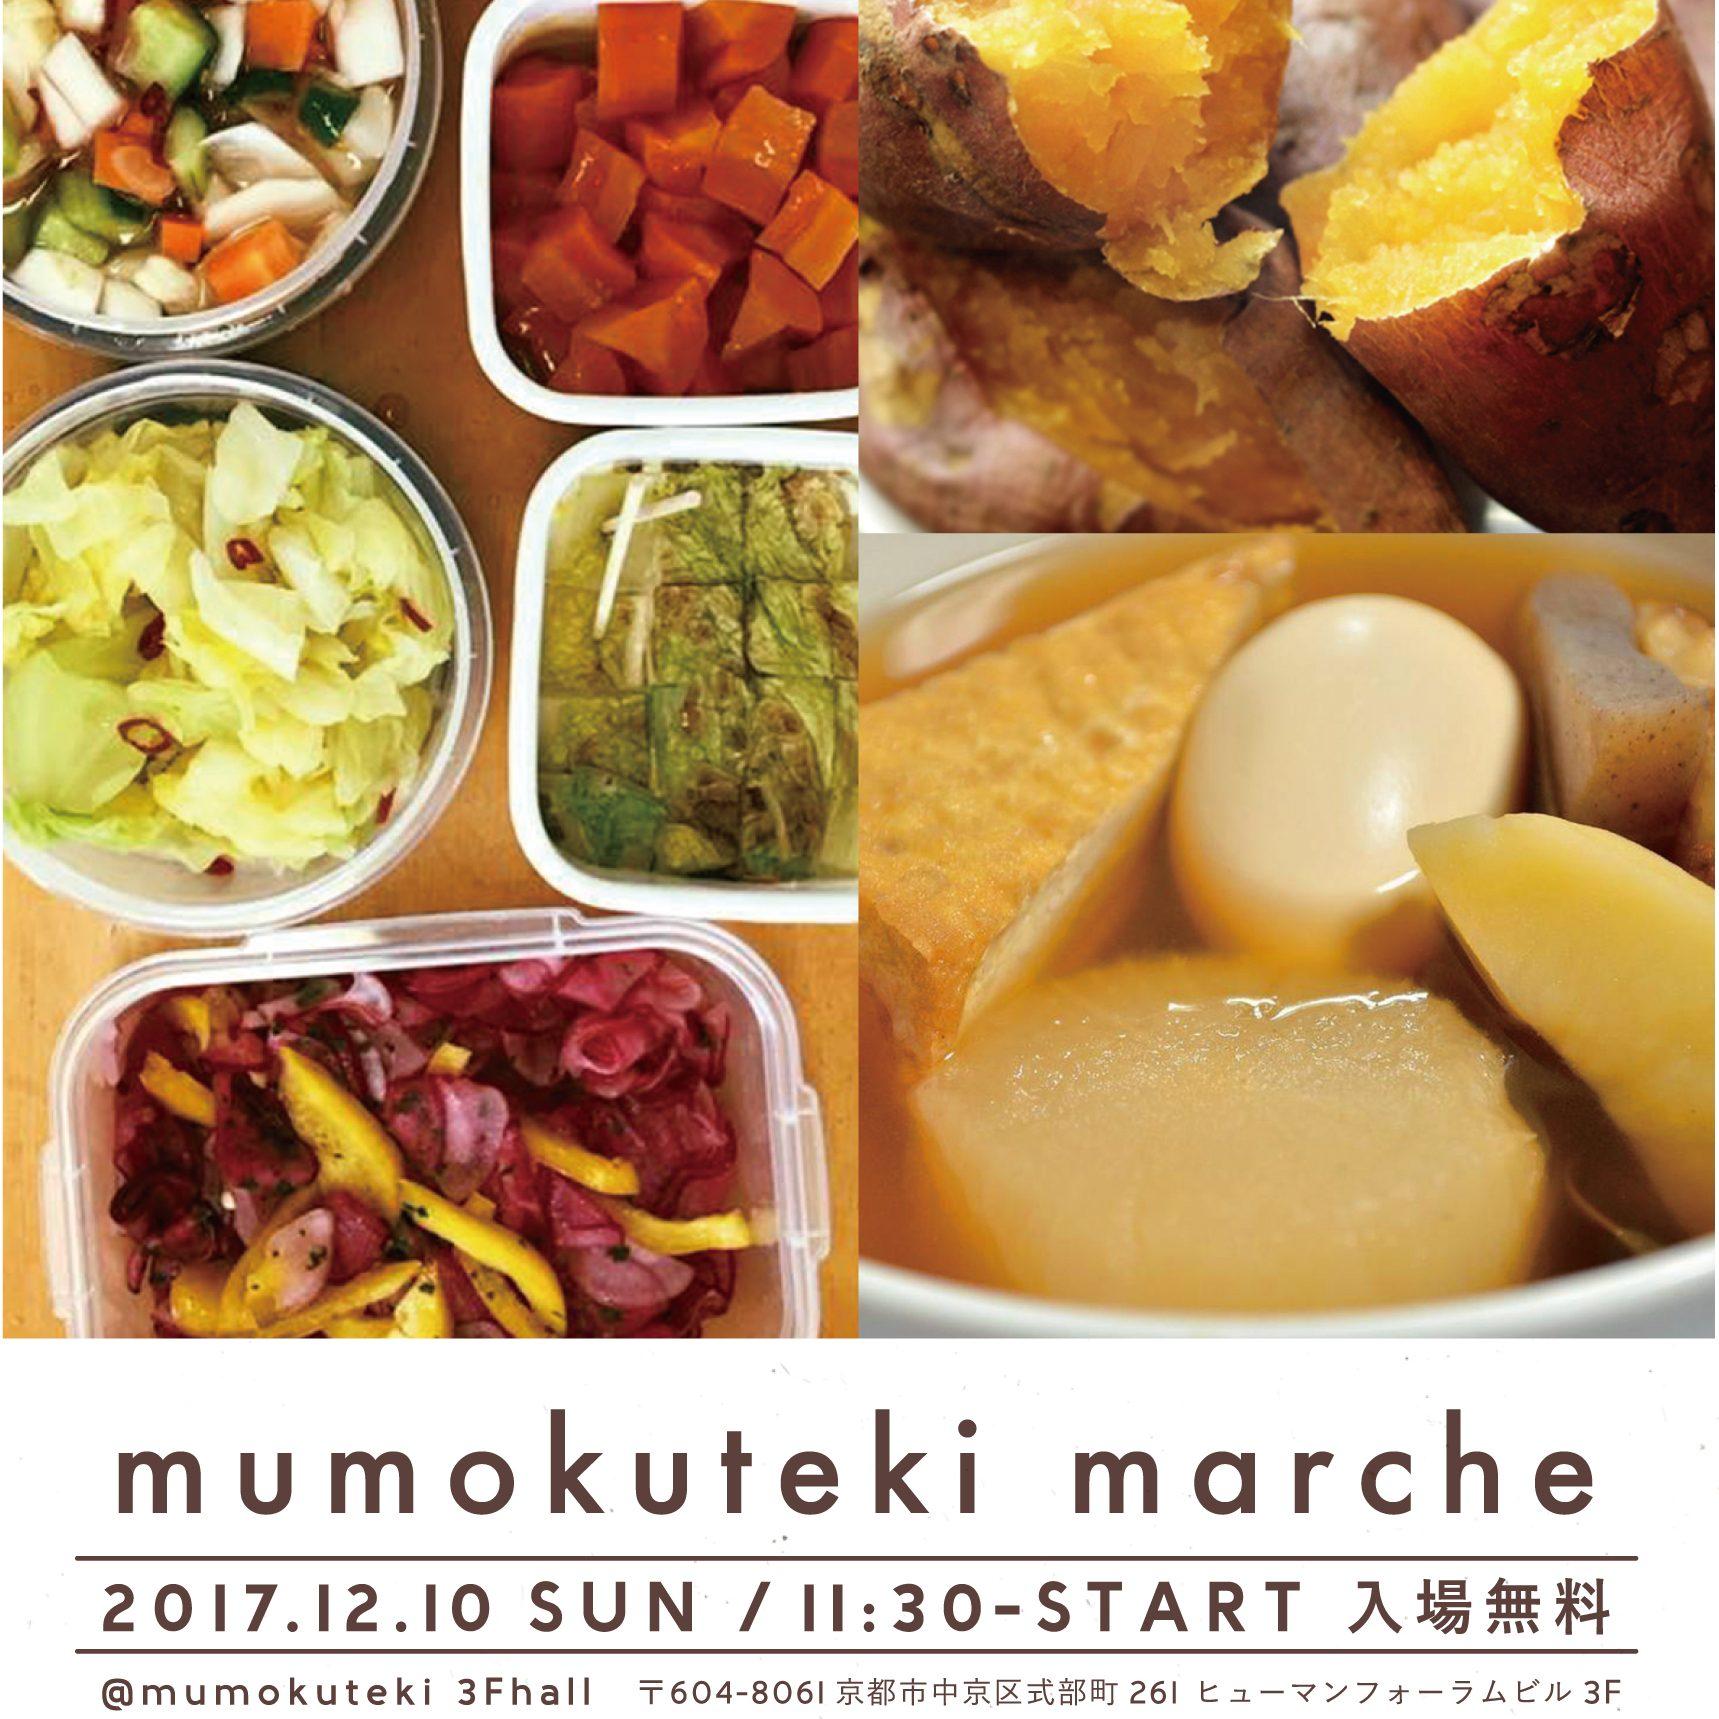 12月10日(日)mumokuteki マルシェ vol.5「食の冬支度」開催!